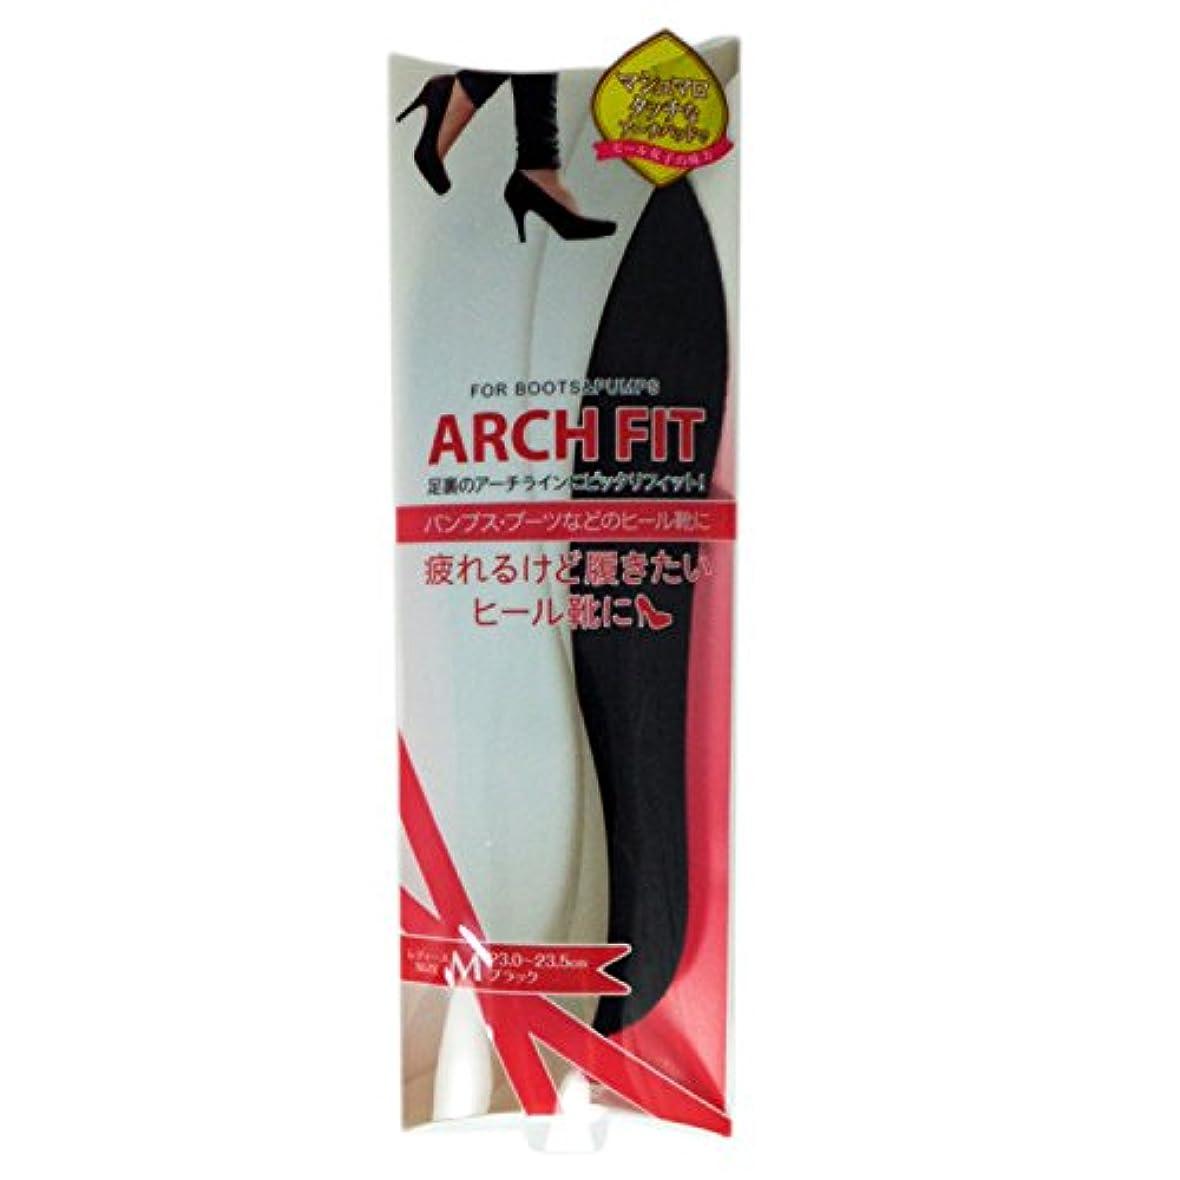 突進カイウス高い荒川産業 アーチフィット M ブラック 23-23.5cm [インソール] 通販【全品無料配達】